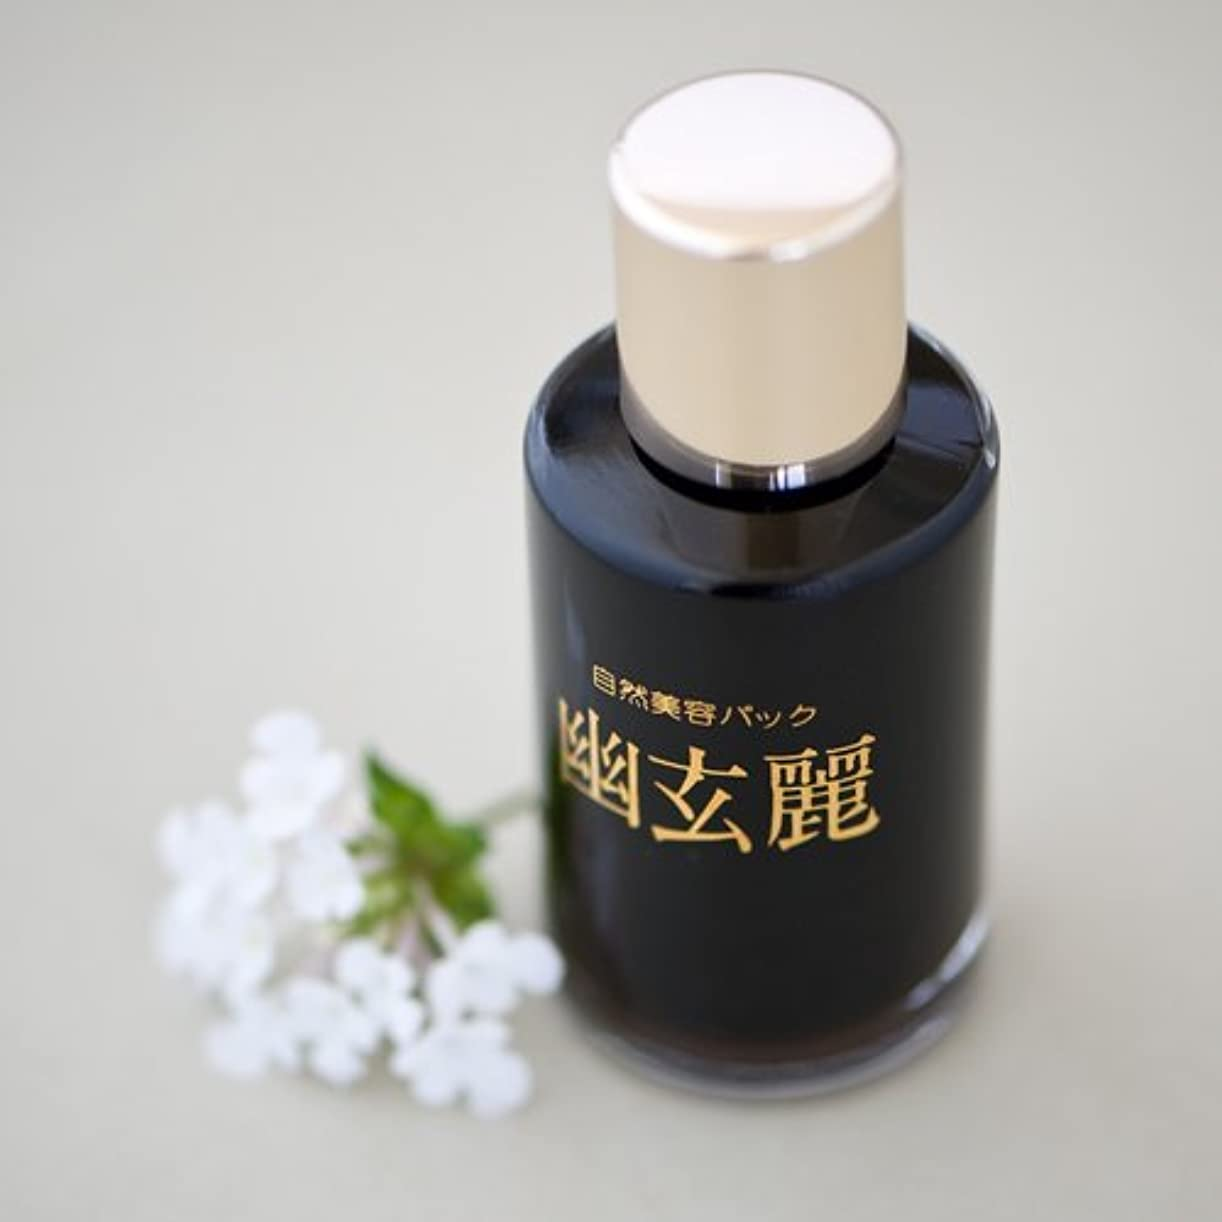 肉屋伝記小さな漢萌(KANPOO) 幽玄麗(活肌美容液) 30ml